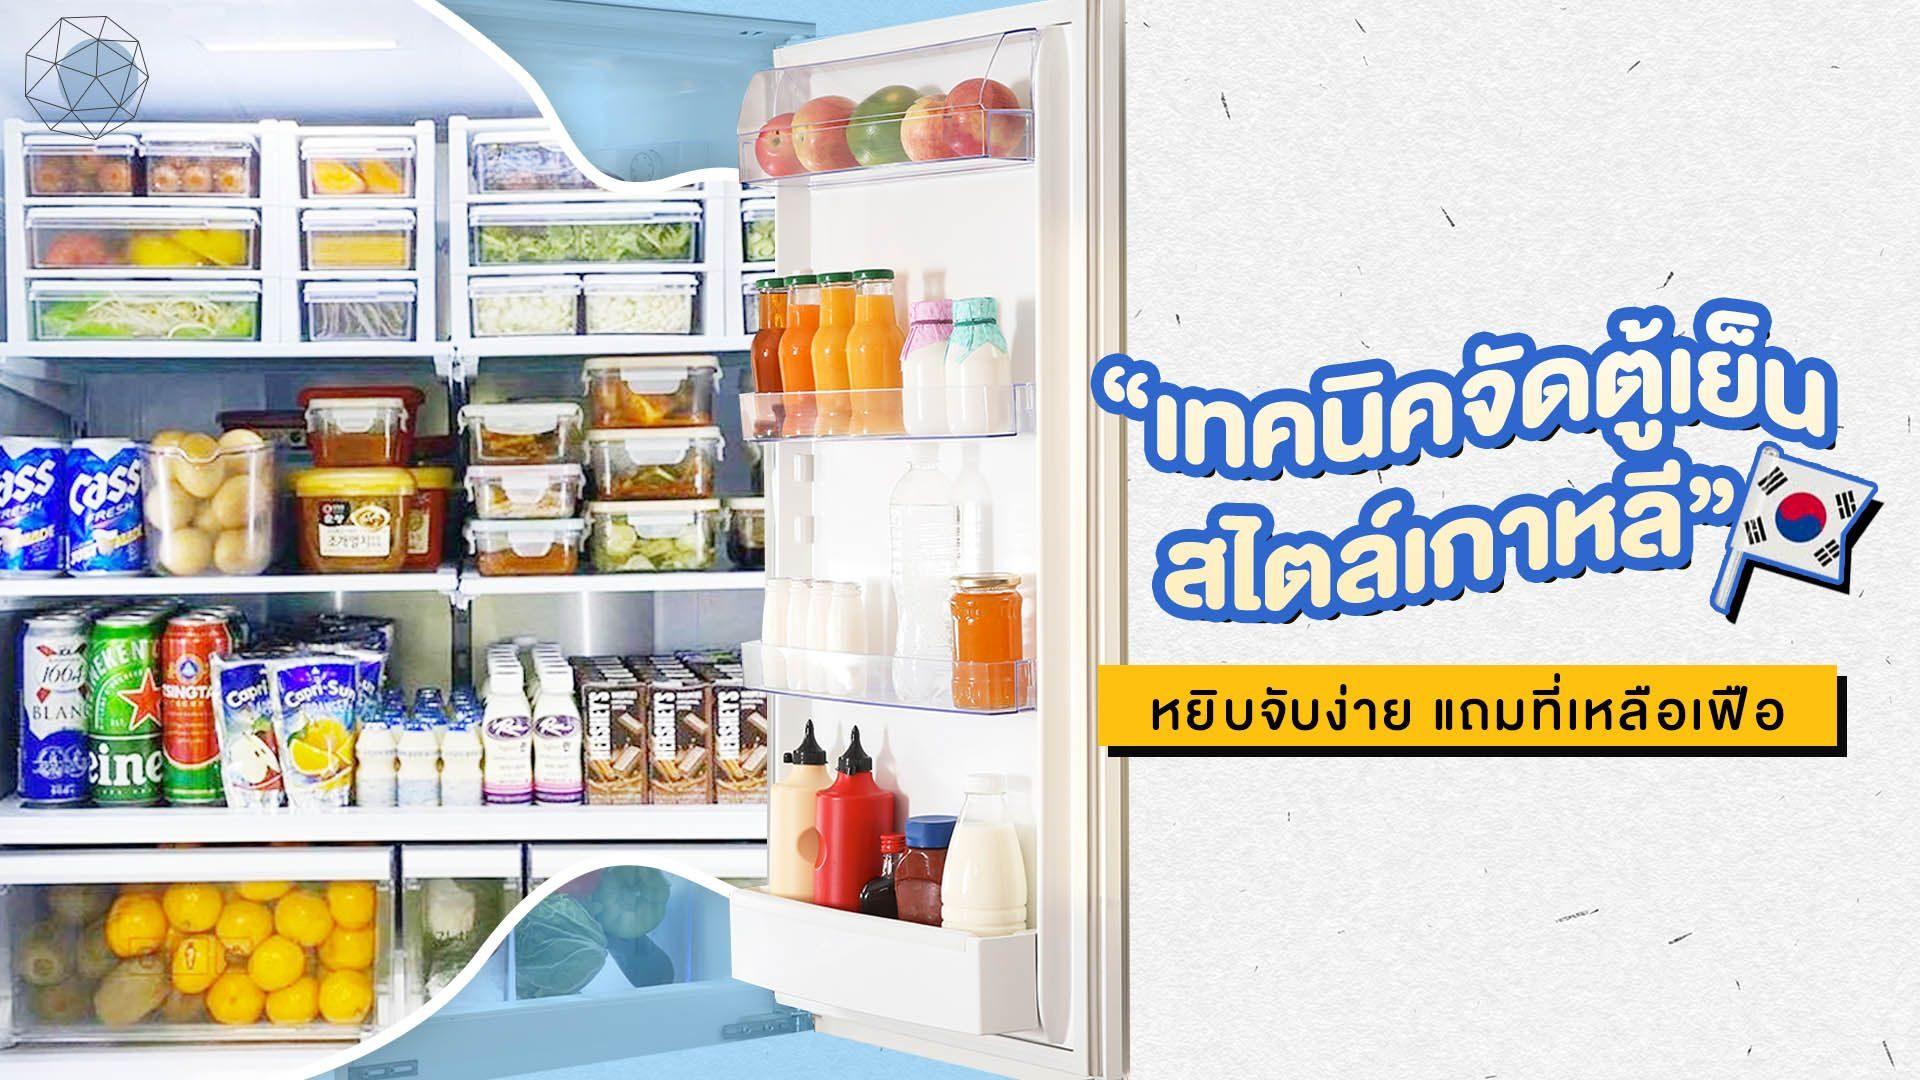 เทคนิคจัดตู้เย็น สไตล์เกาหลี